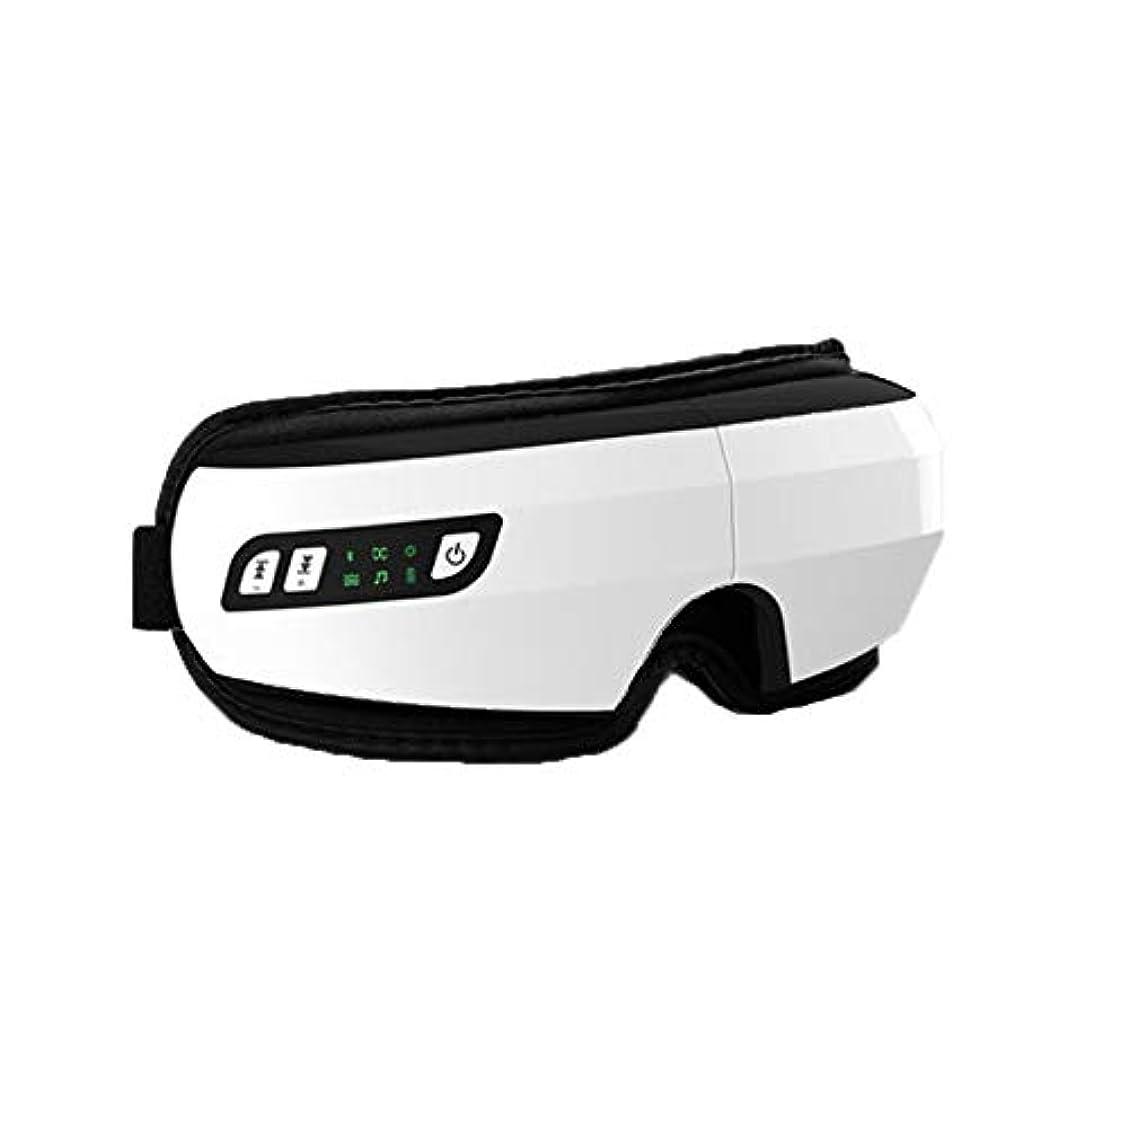 クモダム取り消すマッサージャー - 熱い湿布は近視の黒い目の声の振動目の保護の器械を取り除きます (Color : White)